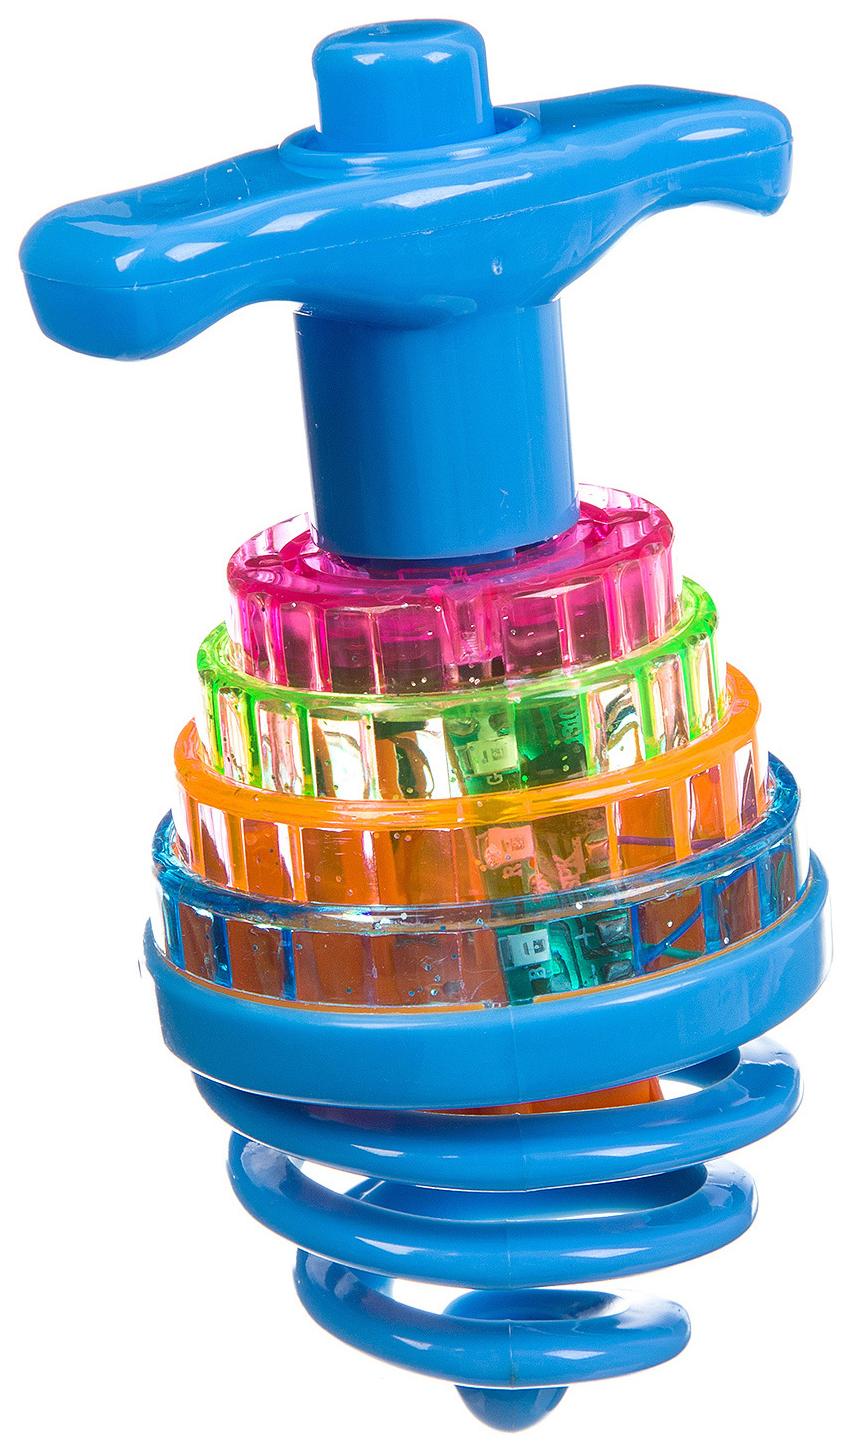 Купить Развлекательные игры Bondibon Игрушка детская «ТАНЦУЮЩАЯ ЮЛА», BLISTER CARD 15x7x20.5 см, Интерактивные развивающие игрушки